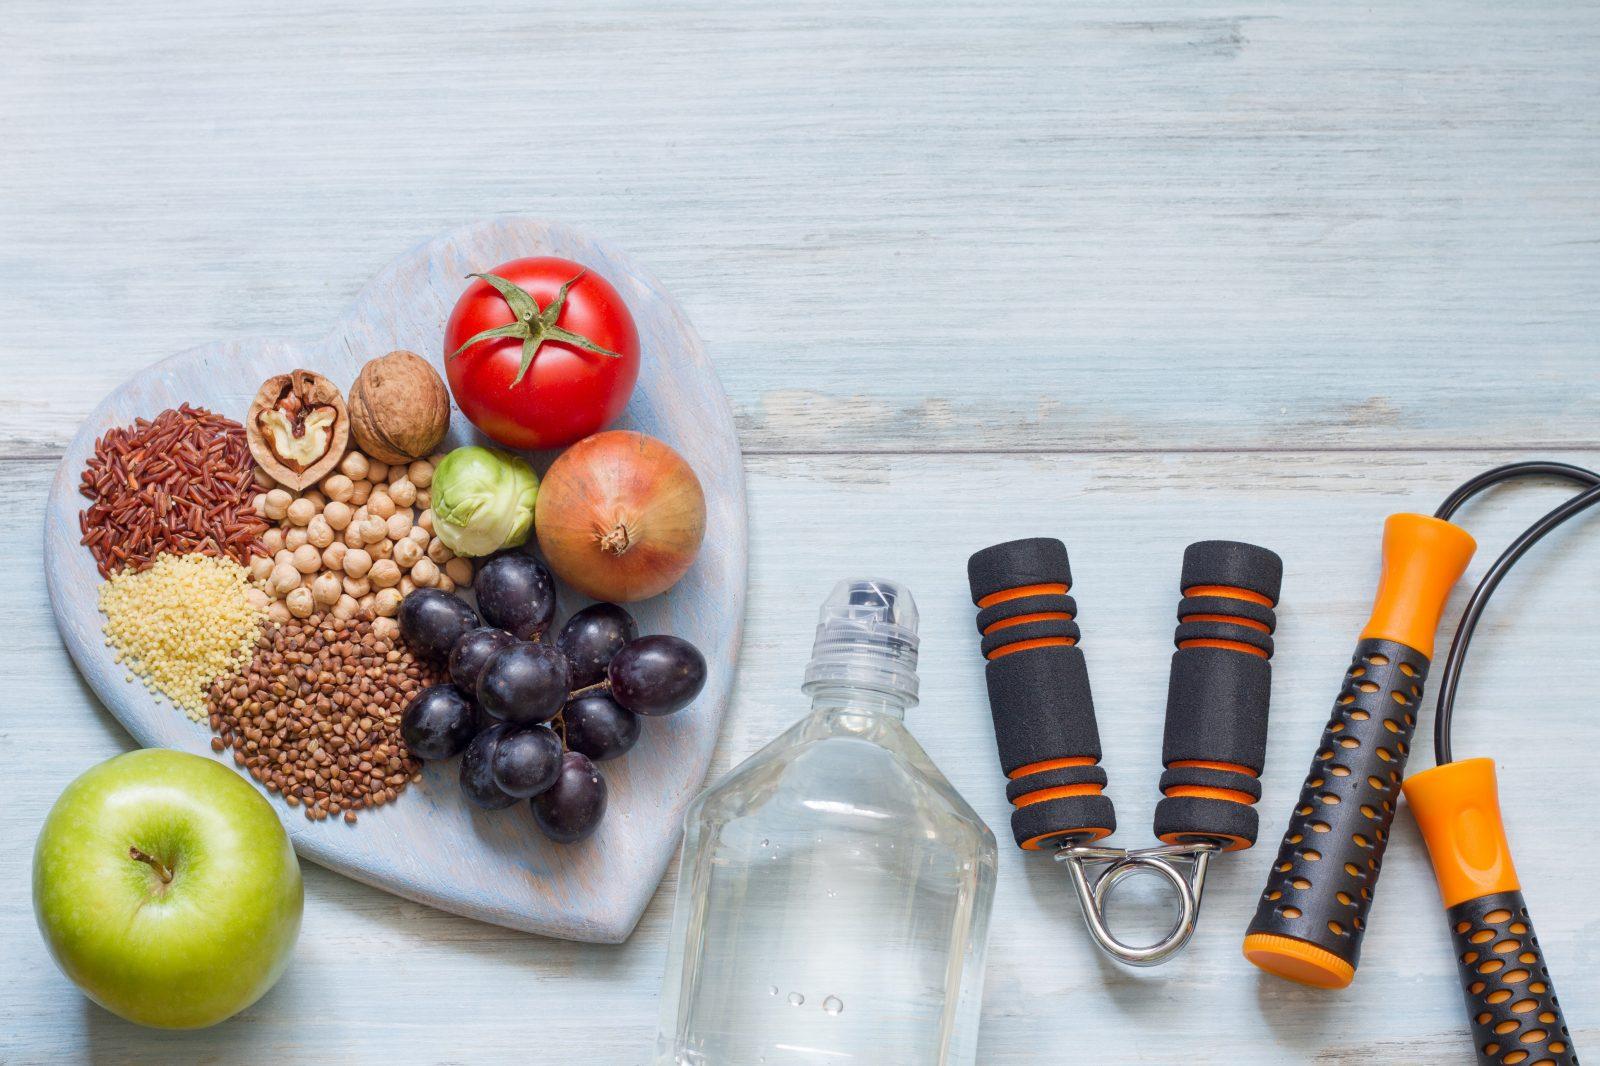 Скакалка, экспандер, бутылка воды и фрукты